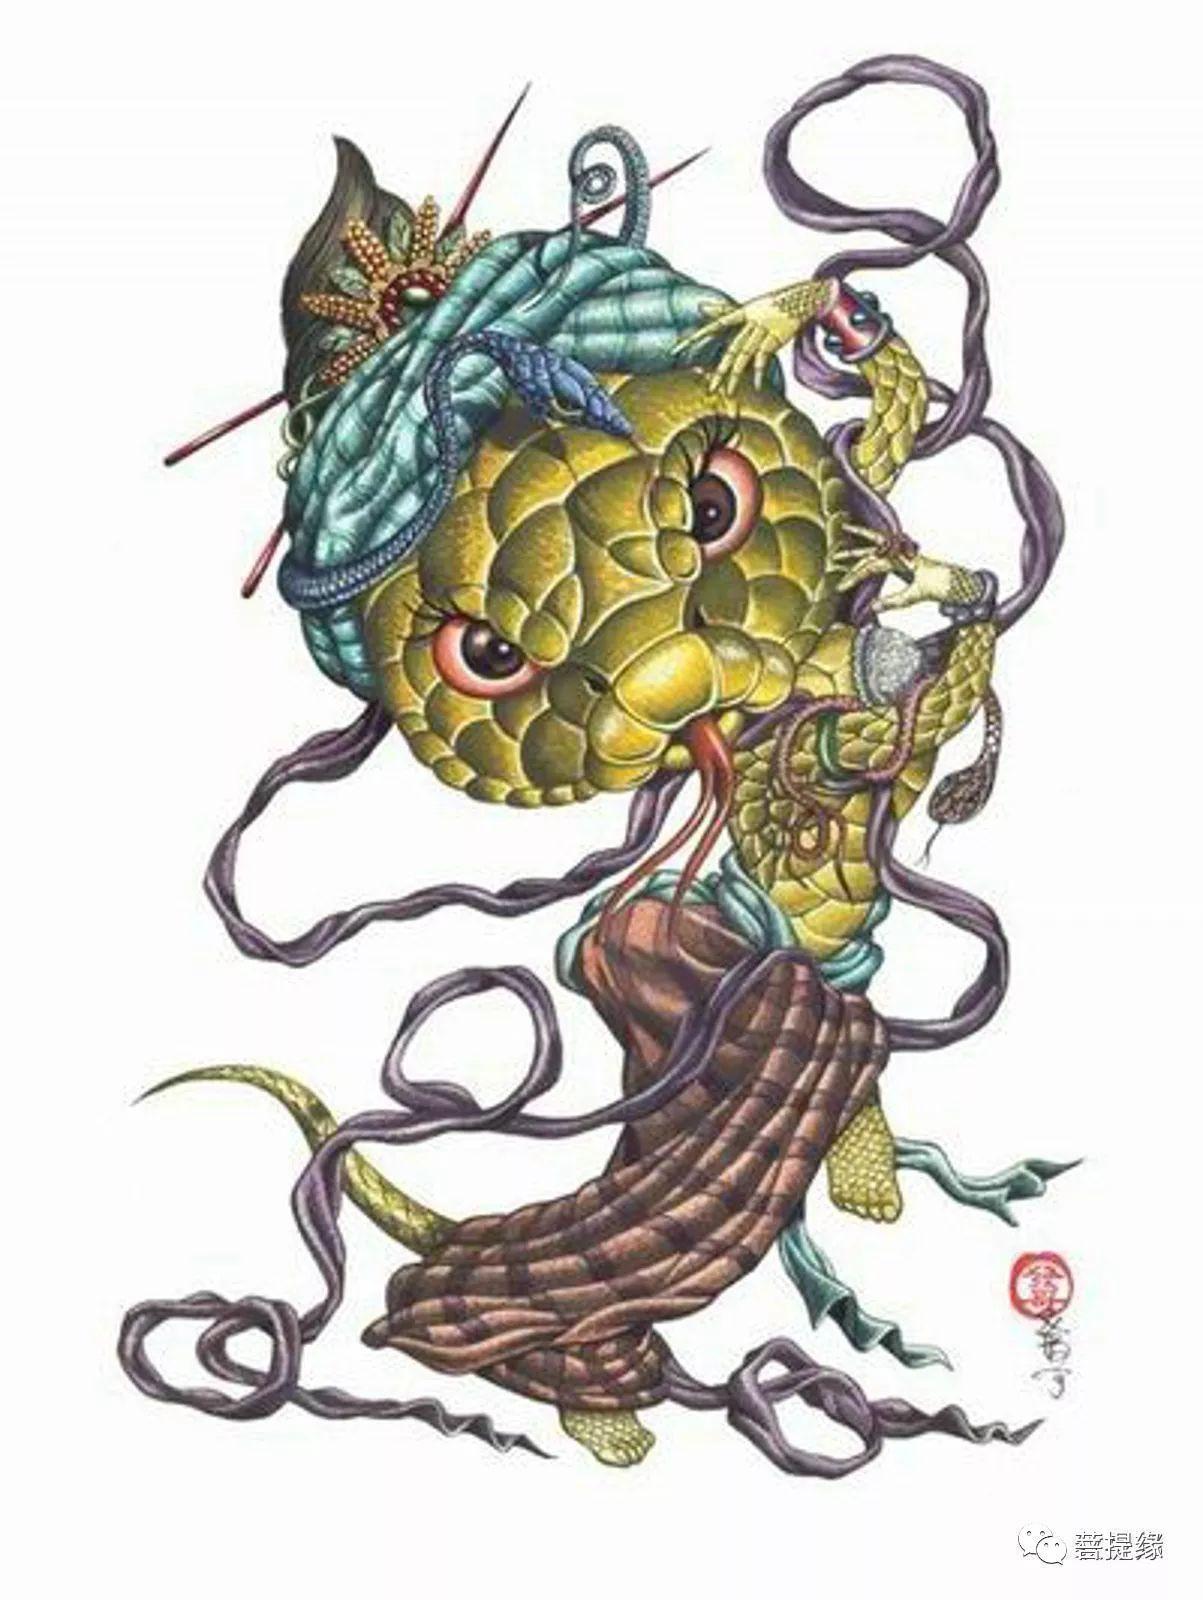 雕刻师十二生肖纹身素描手稿另类版素材